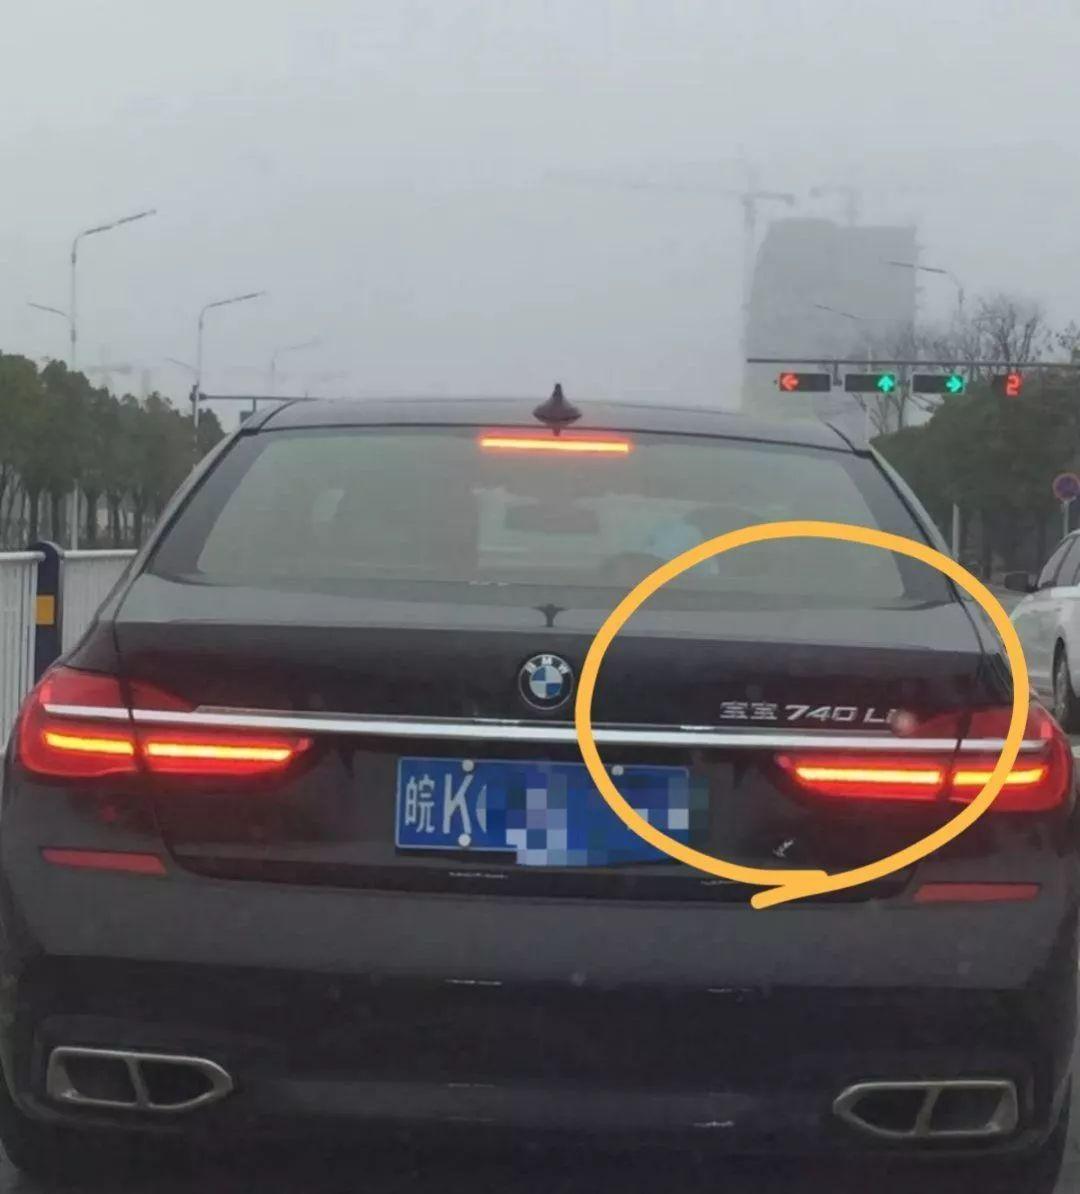 阜阳这位宝马司机,你是认真的吗哈哈哈哈哈……_宝宝